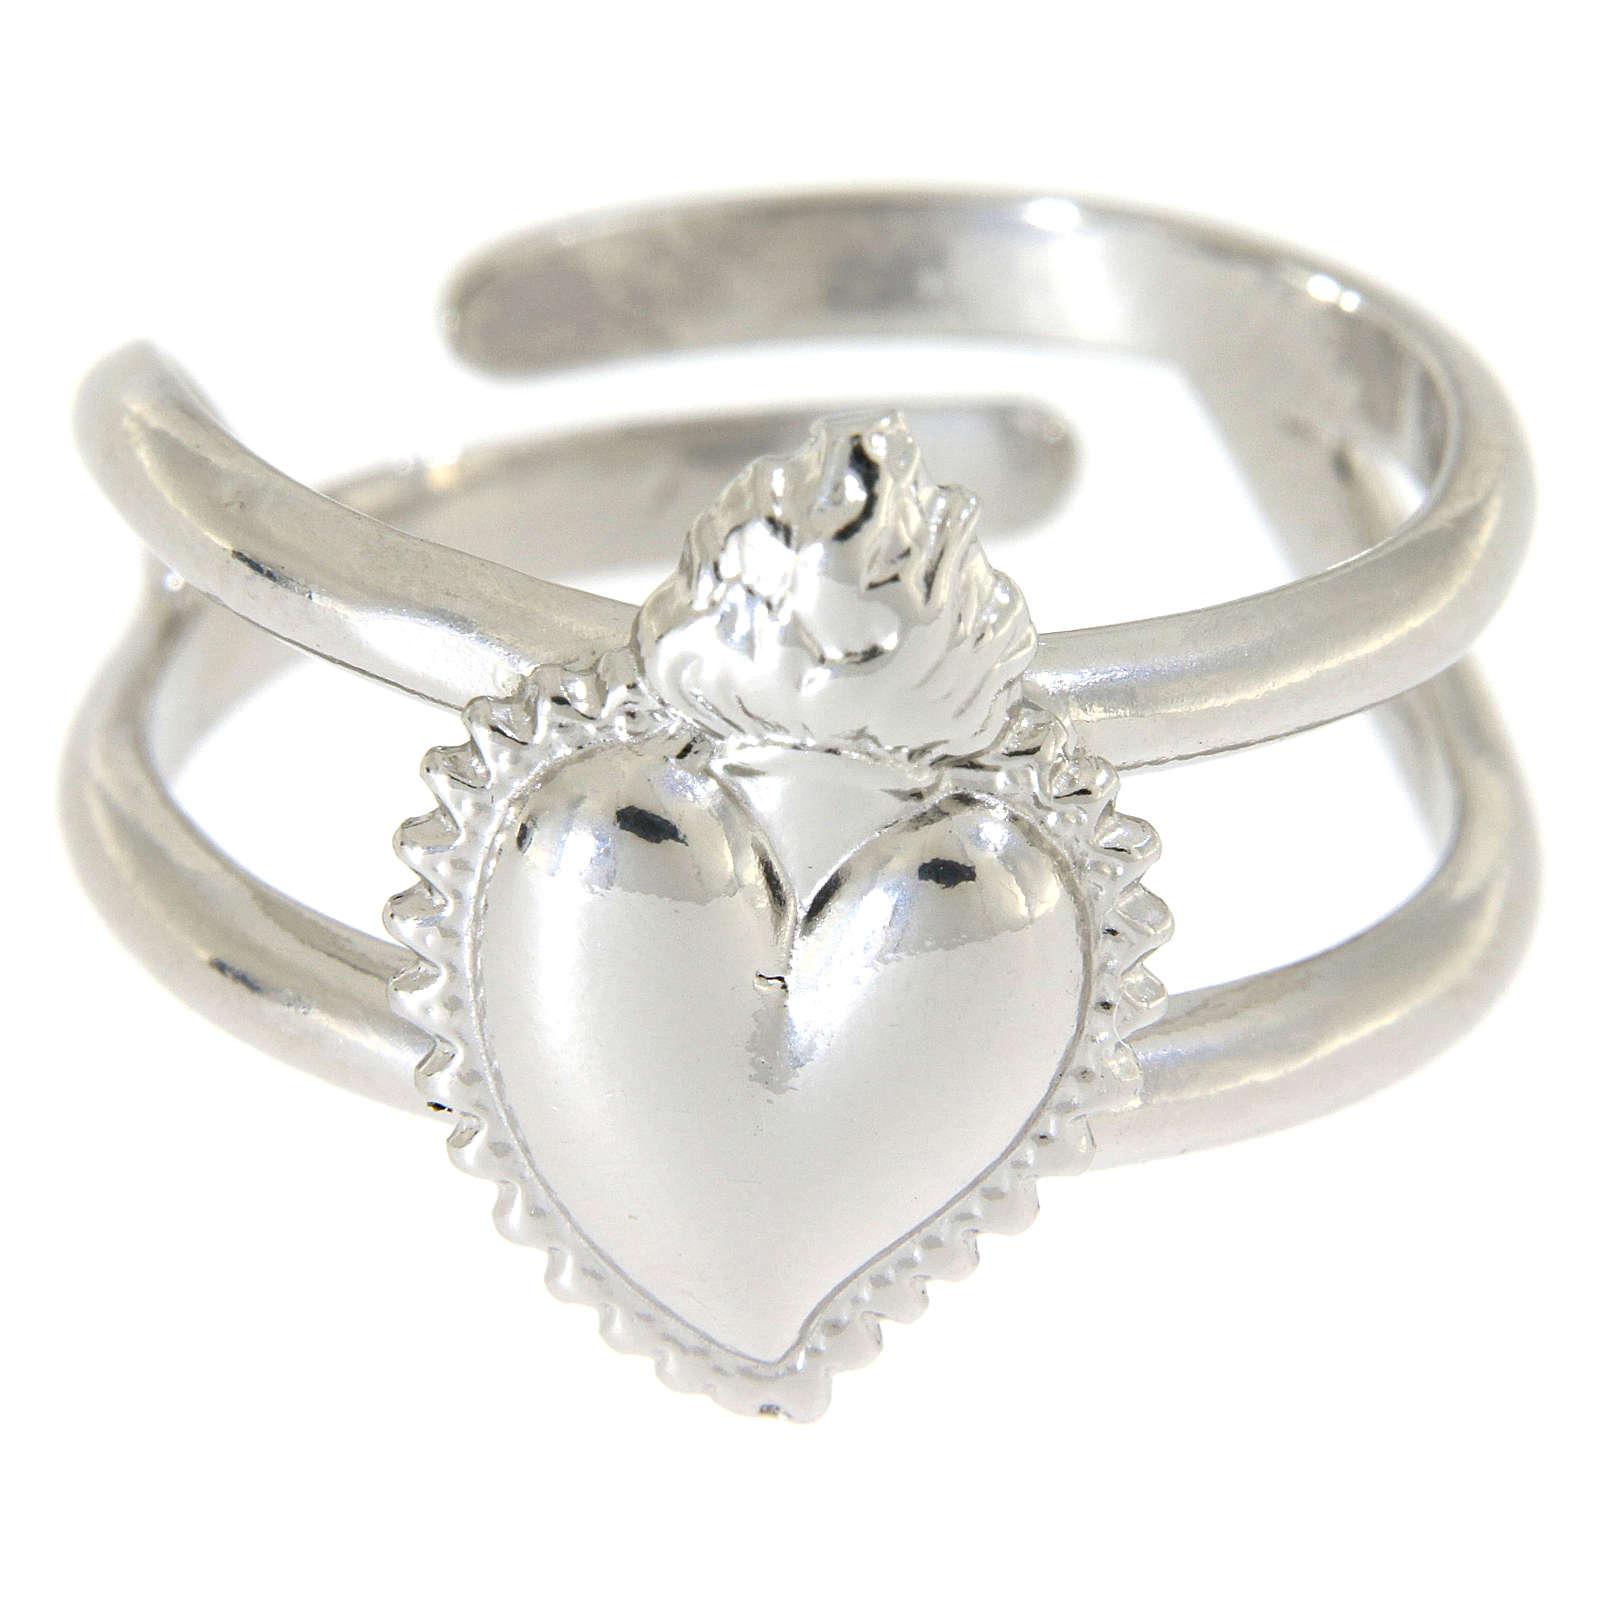 31d48e93720 Anel regulável em prata 925 com coração ex-voto cheio 3